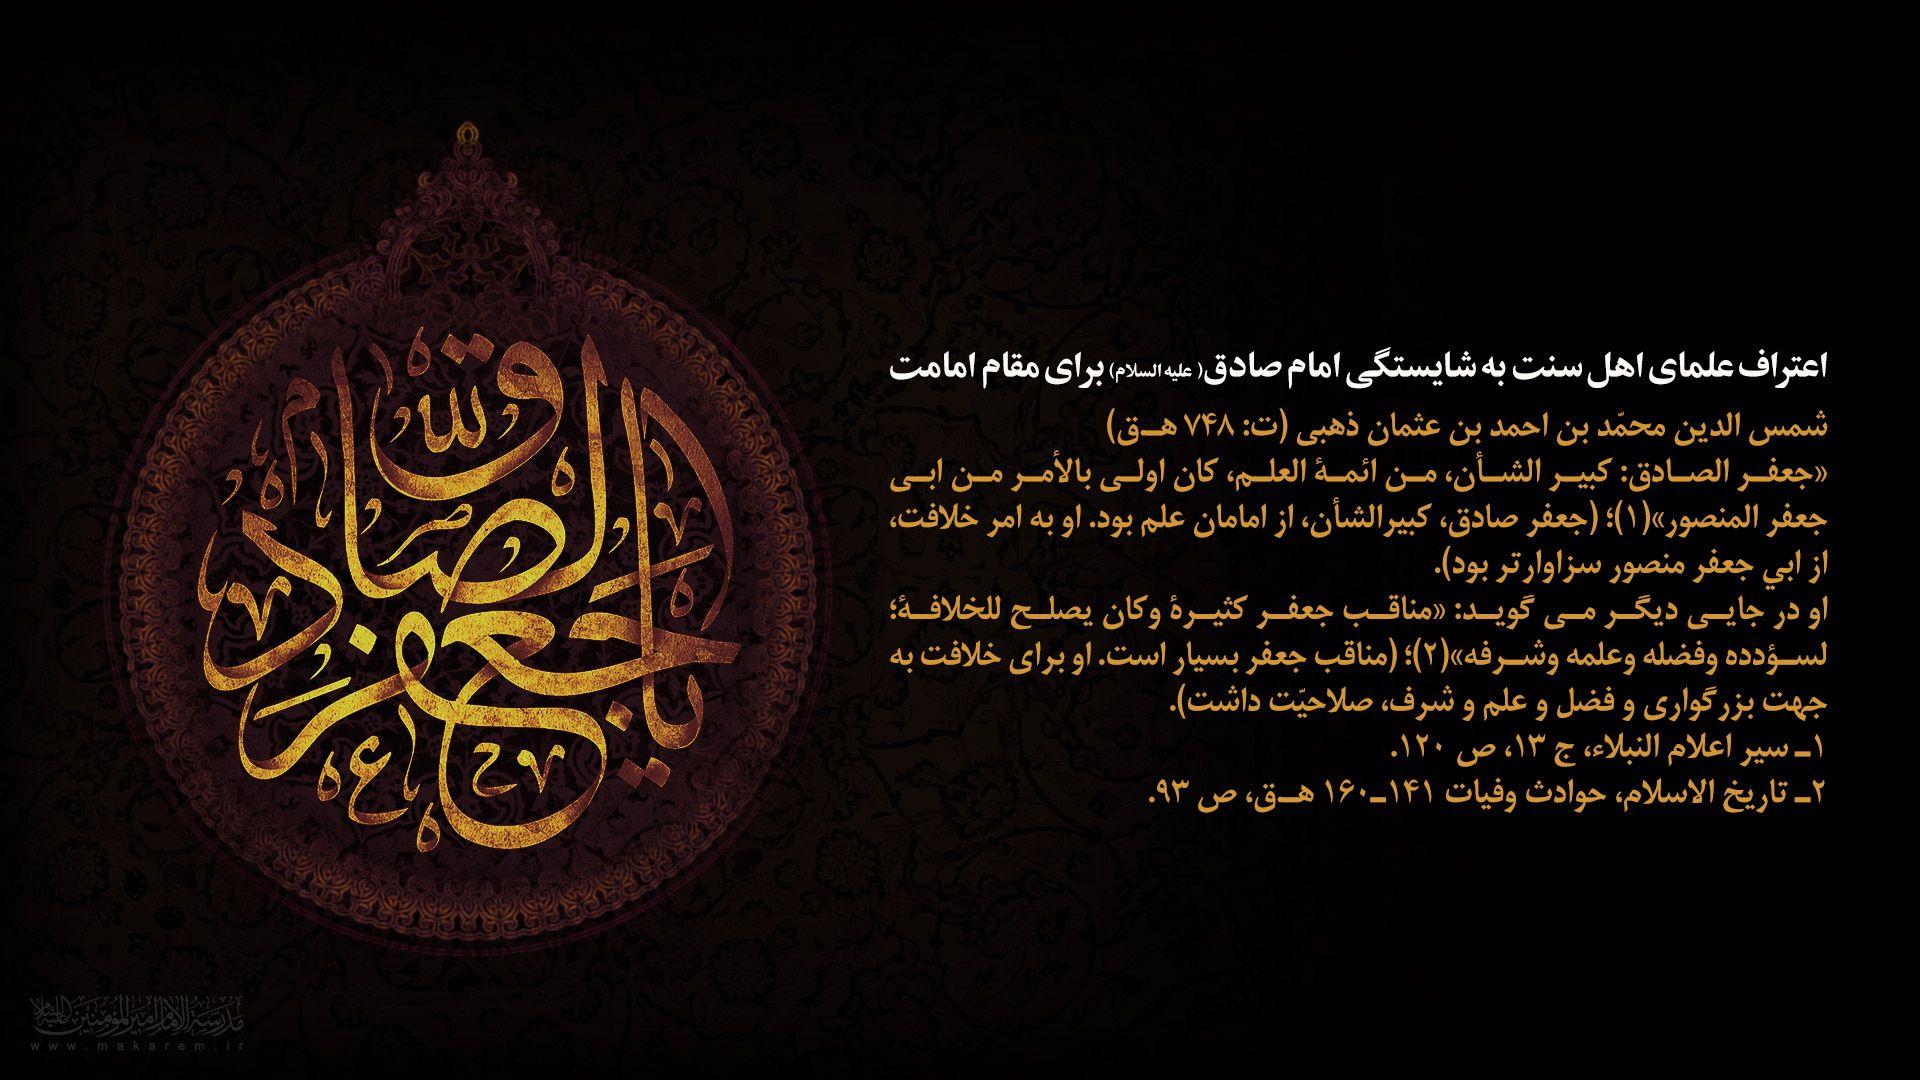 شهادت امام صادق (علیه السلام)-مدرسه الامام امیر المومنین (ع)